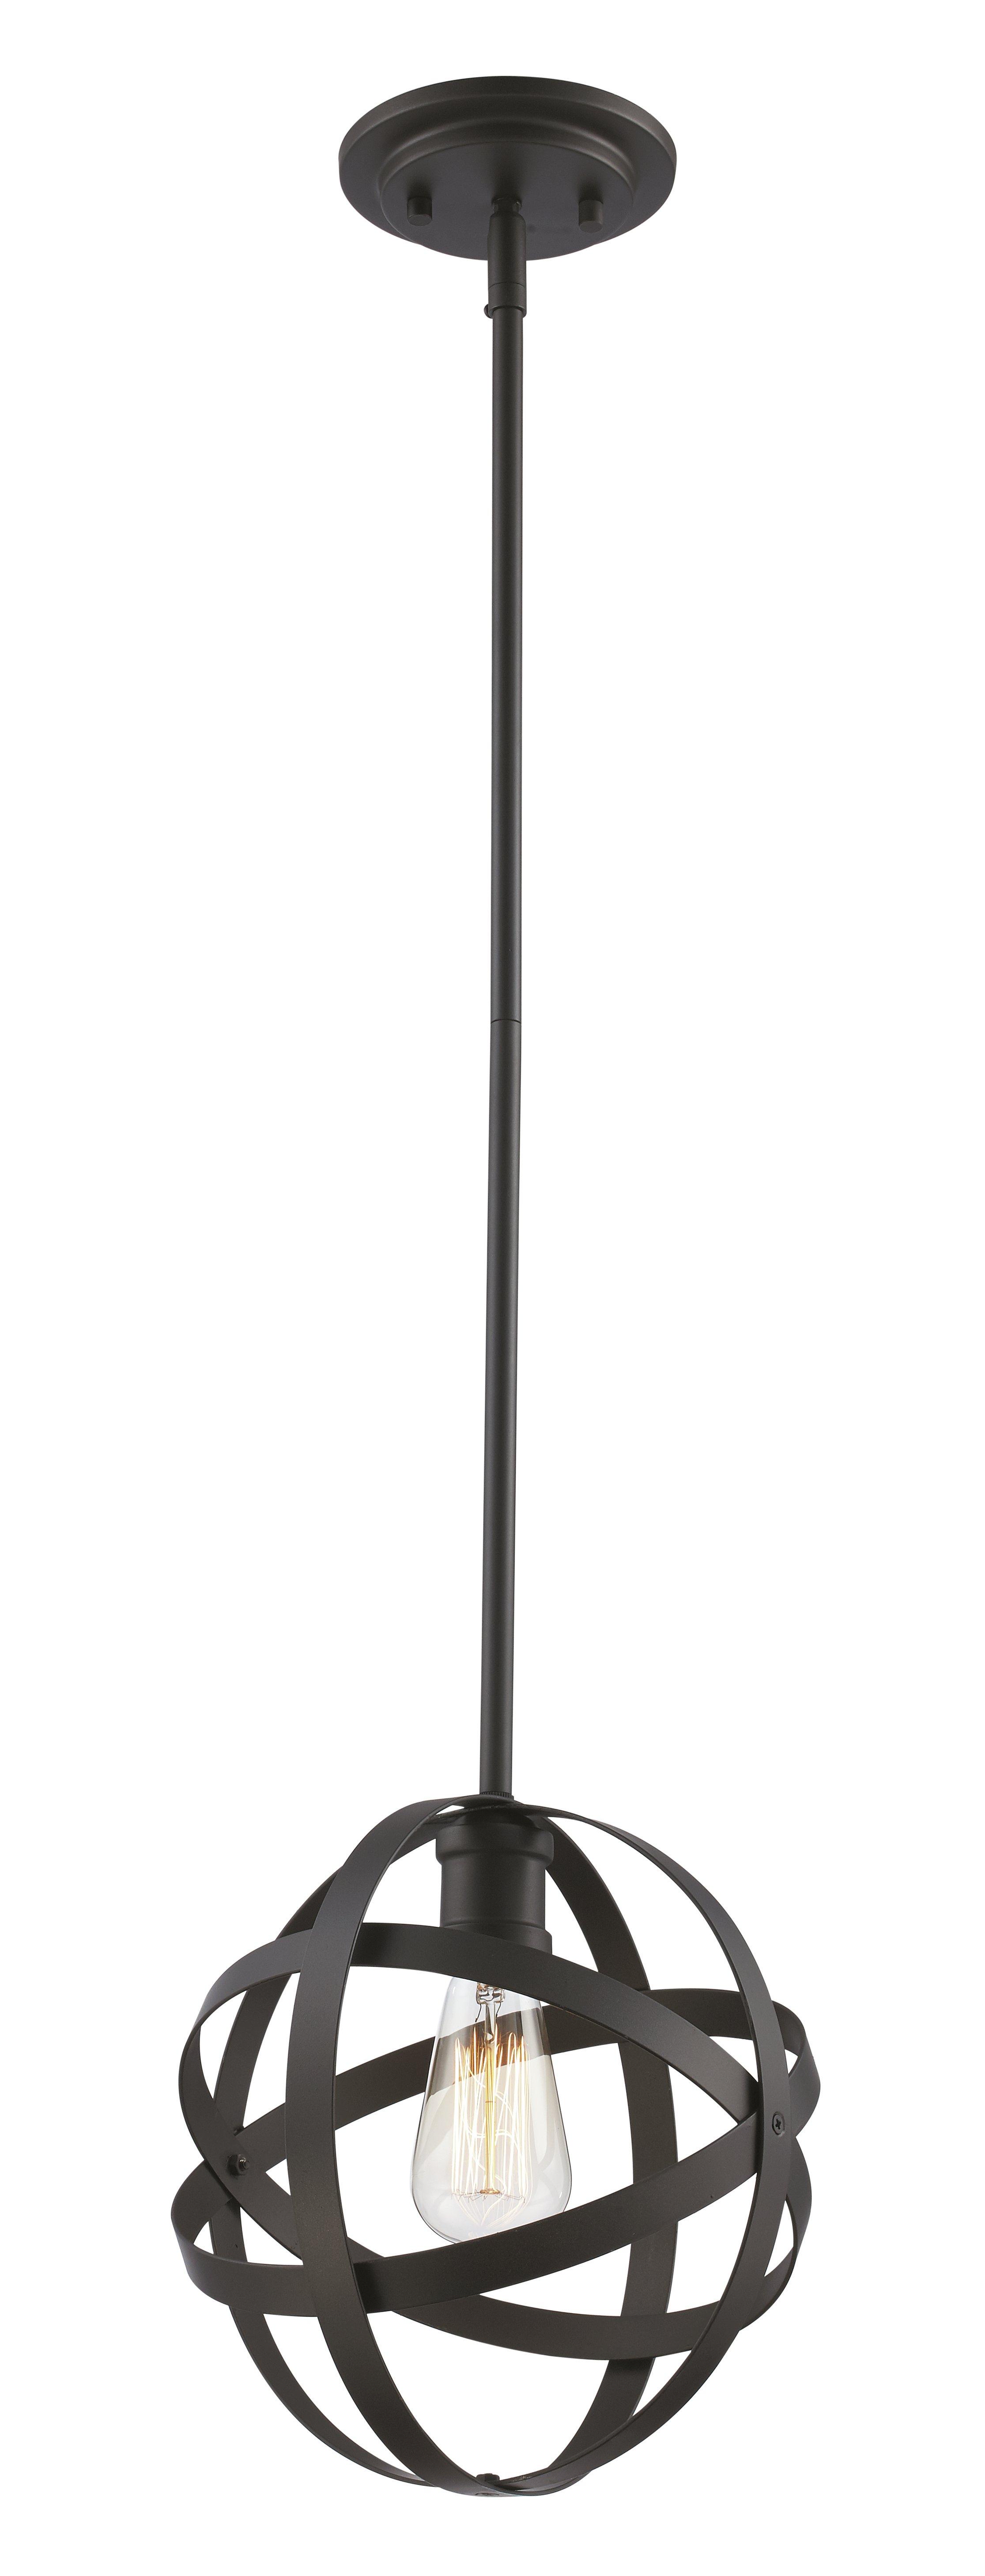 Prange 1 Light Single Globe Pendant In Prange 1 Light Single Globe Pendants (View 3 of 30)